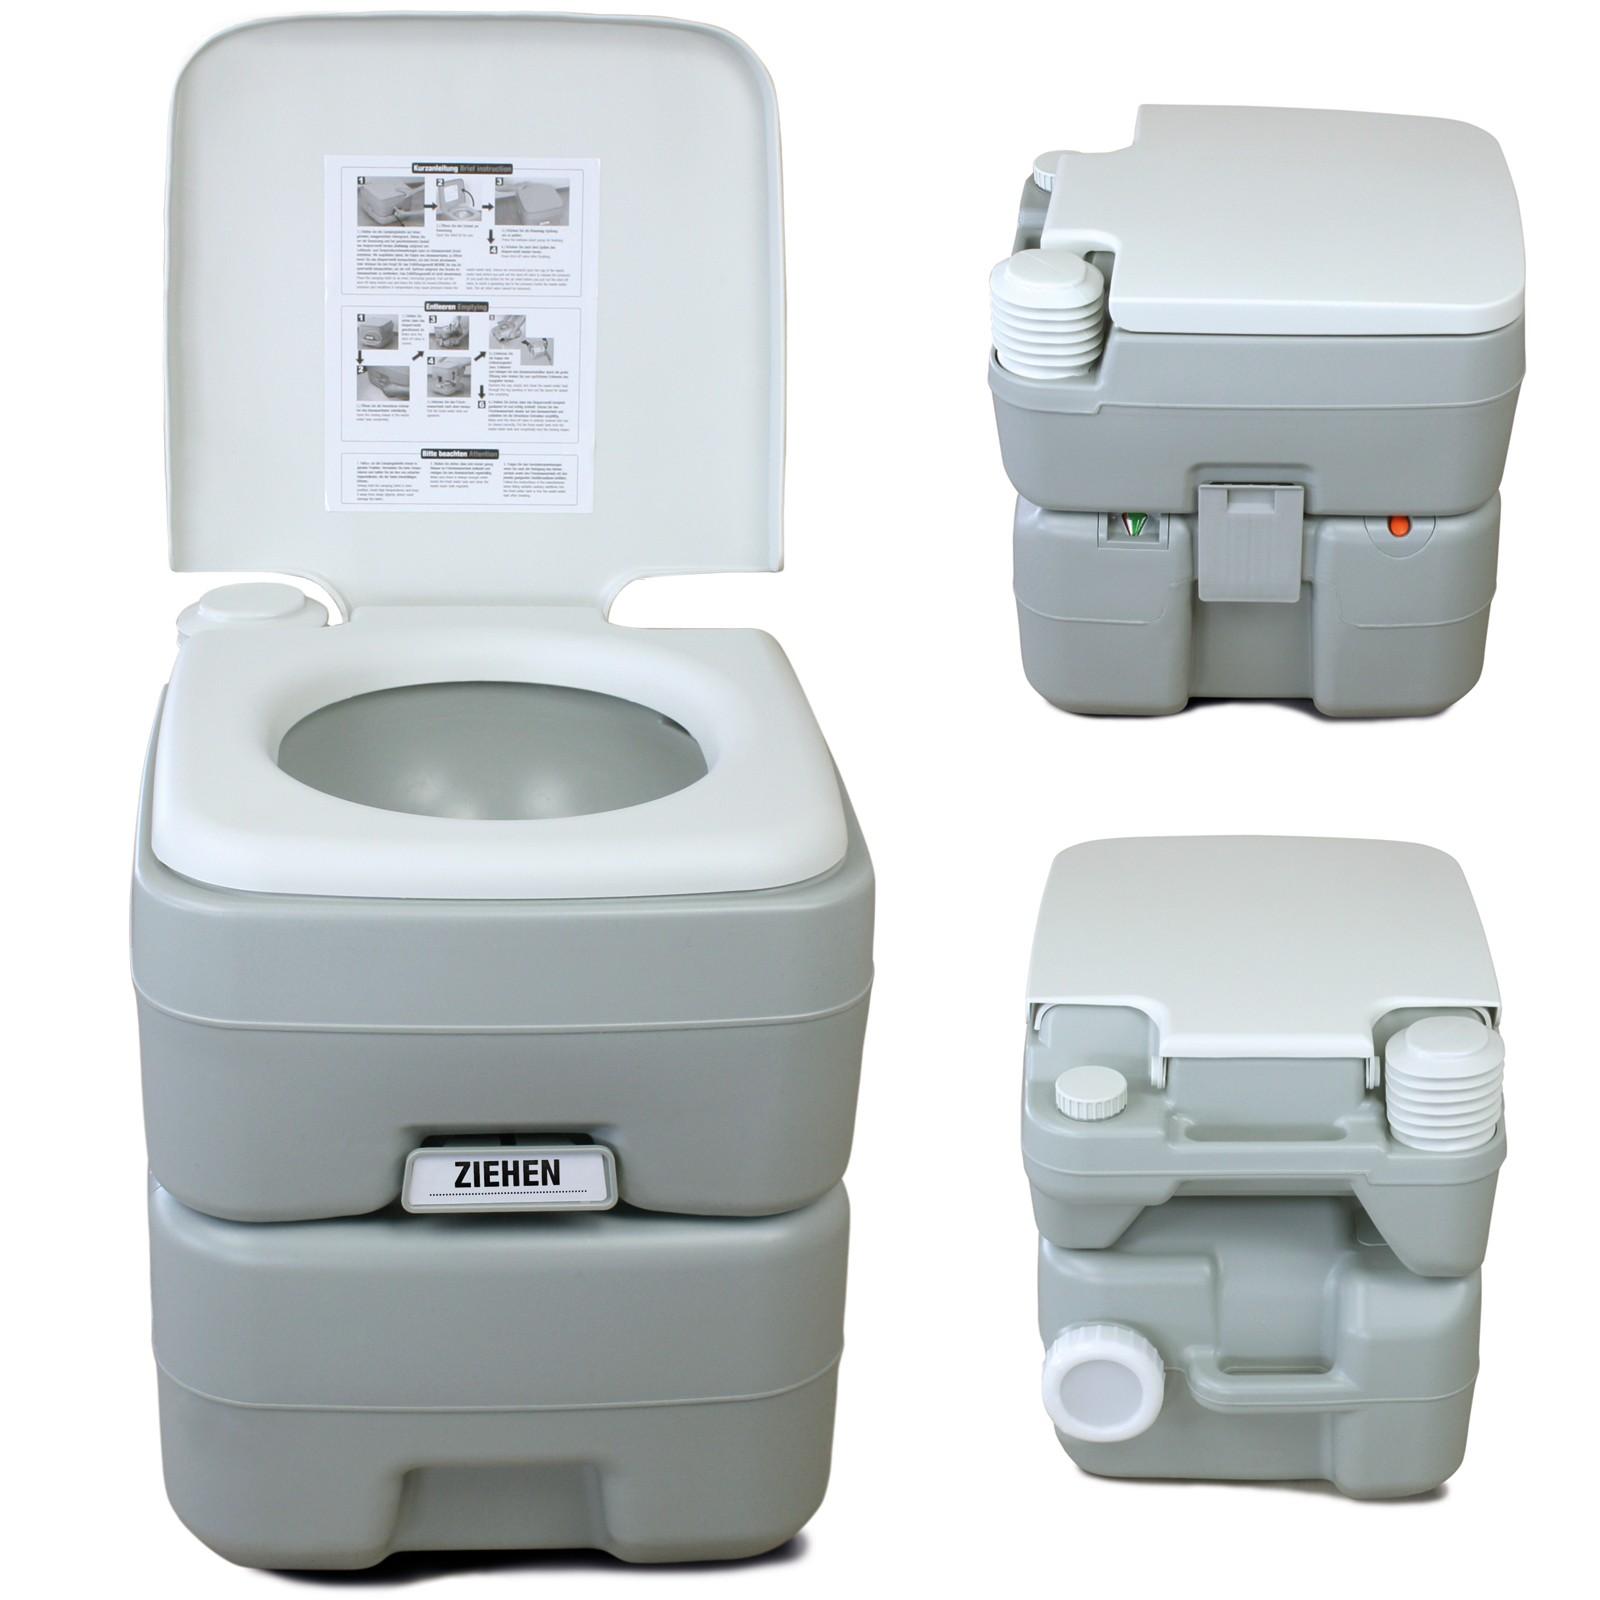 Wc toilette portatile chimico fresh deluxe campeggio caravan roulotte bagno ebay - Bagno portatile ...